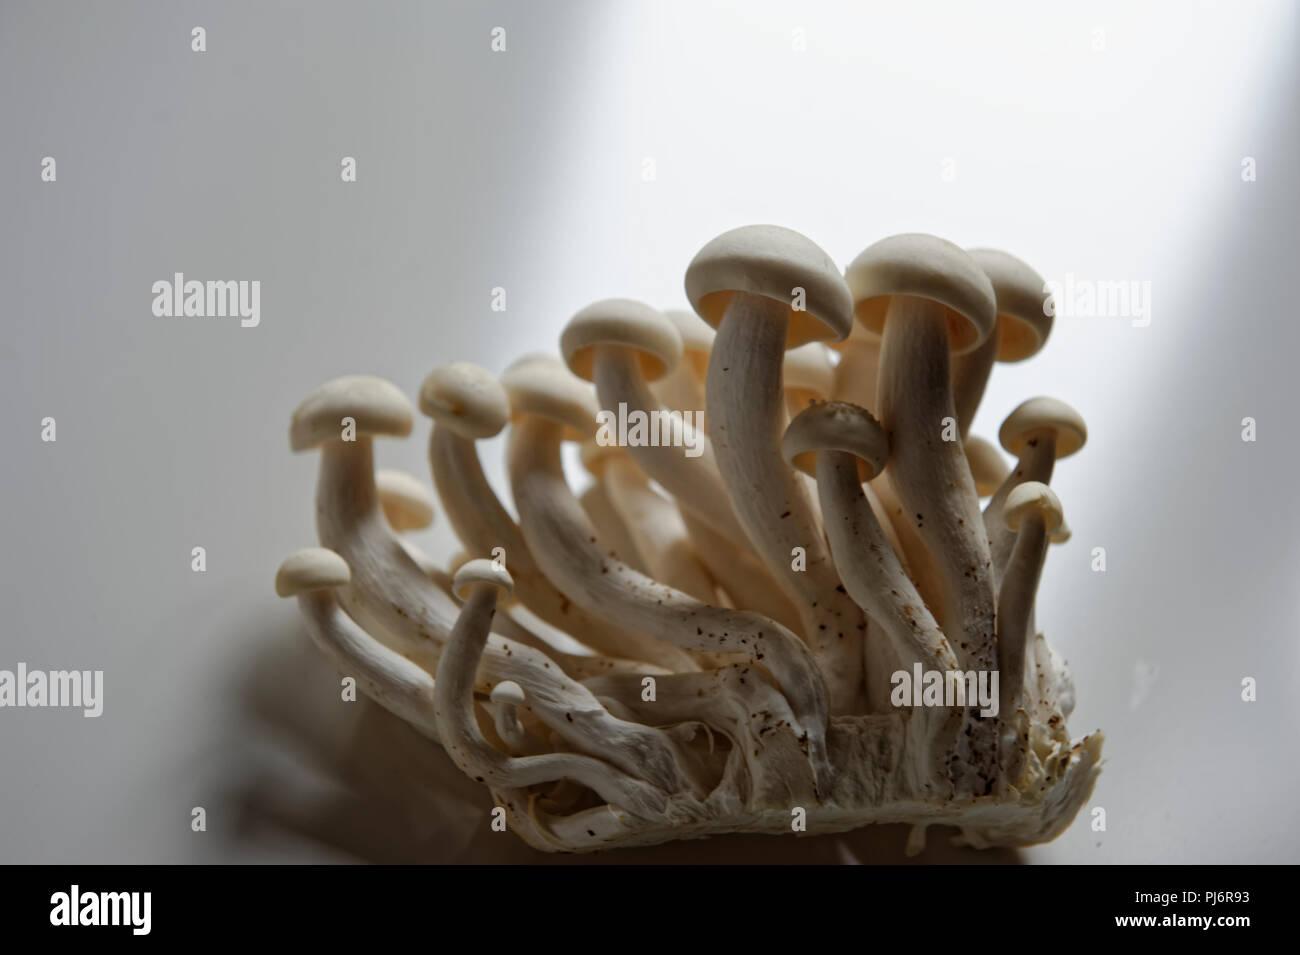 Weißer Buchenpilz, Buna-Shimeji, Shimeji, Buchenrasling (Hypsizygus tessulatus) Stock Photo